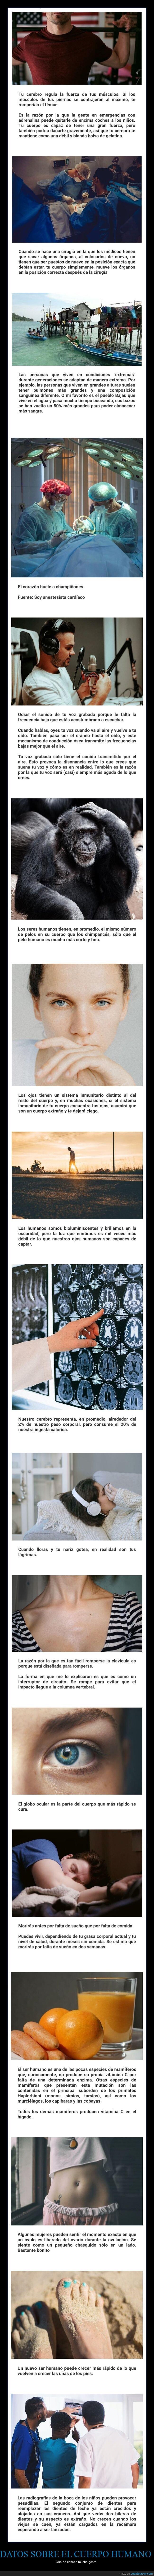 cuerpo humano,curiosidades